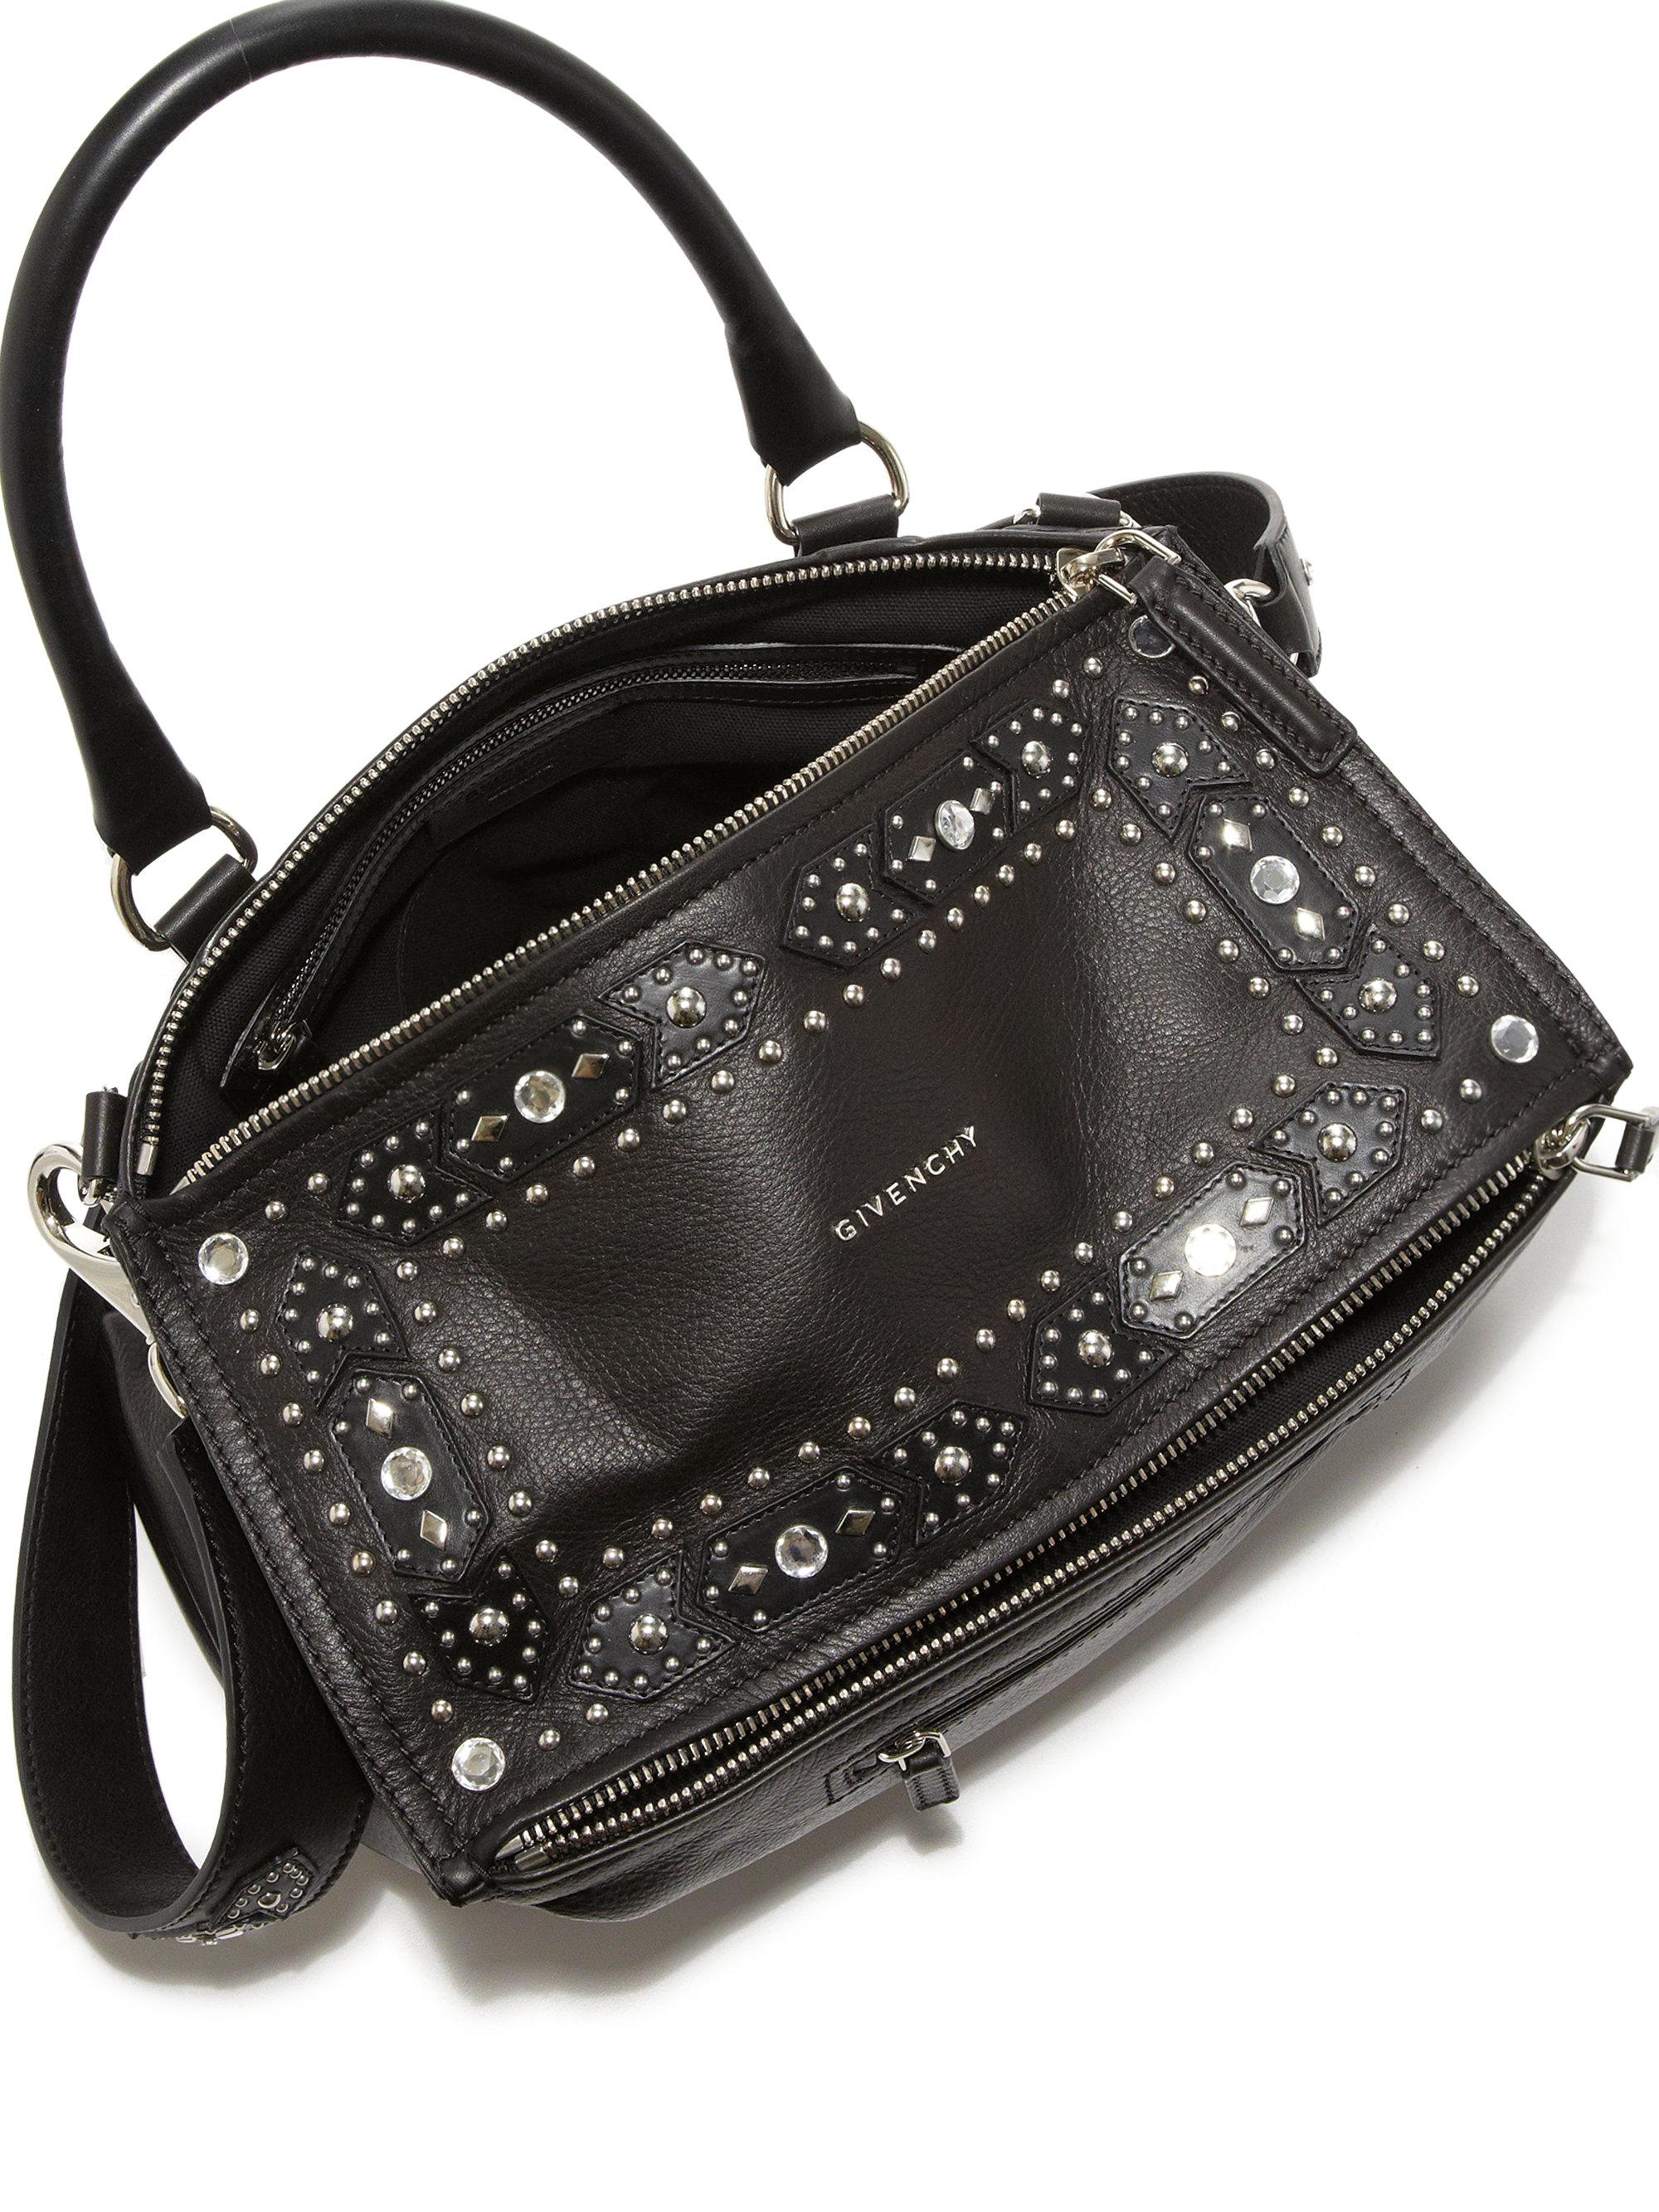 2ba0e59125de givenchy mini pandora shoulder bag in embellished black leather ...